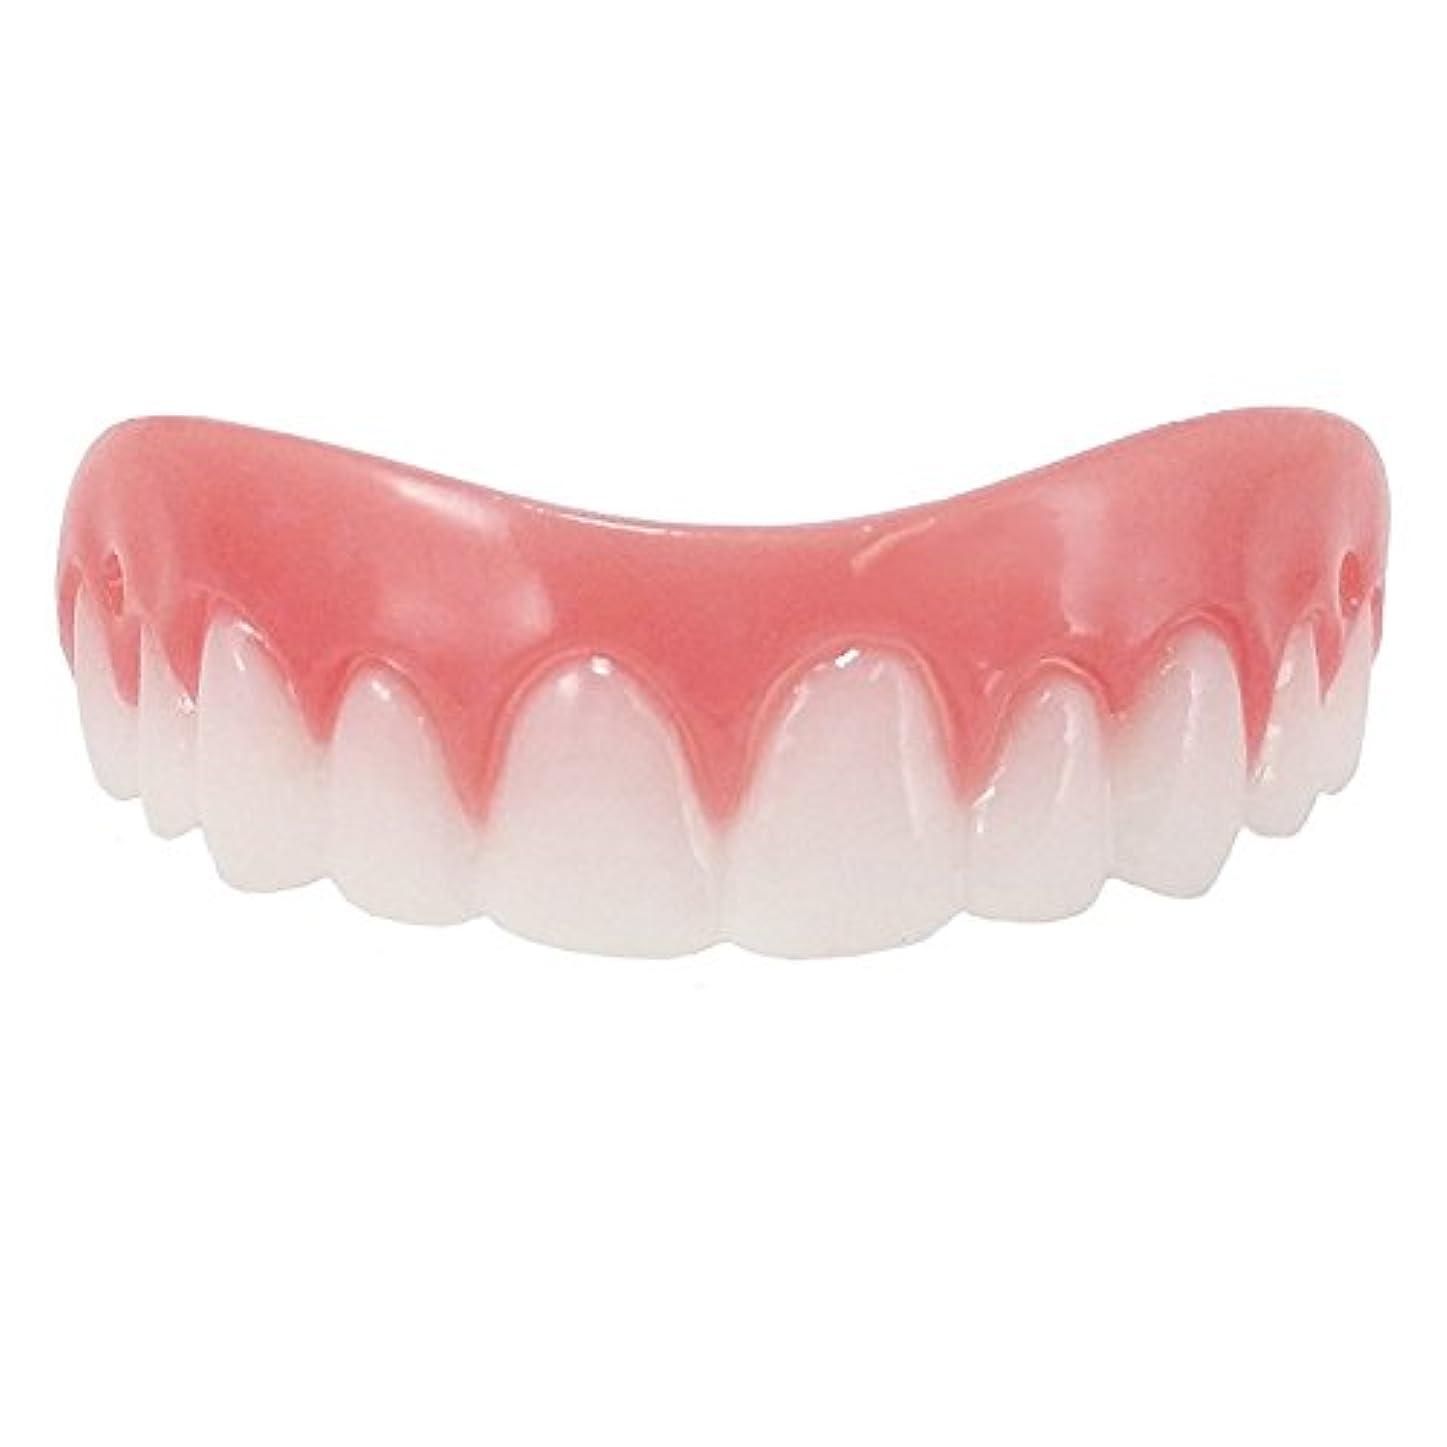 しおれた舞い上がる薬理学シリコン義歯ペースト 美容用 入れ歯 上歯 下歯2個セット (free size)